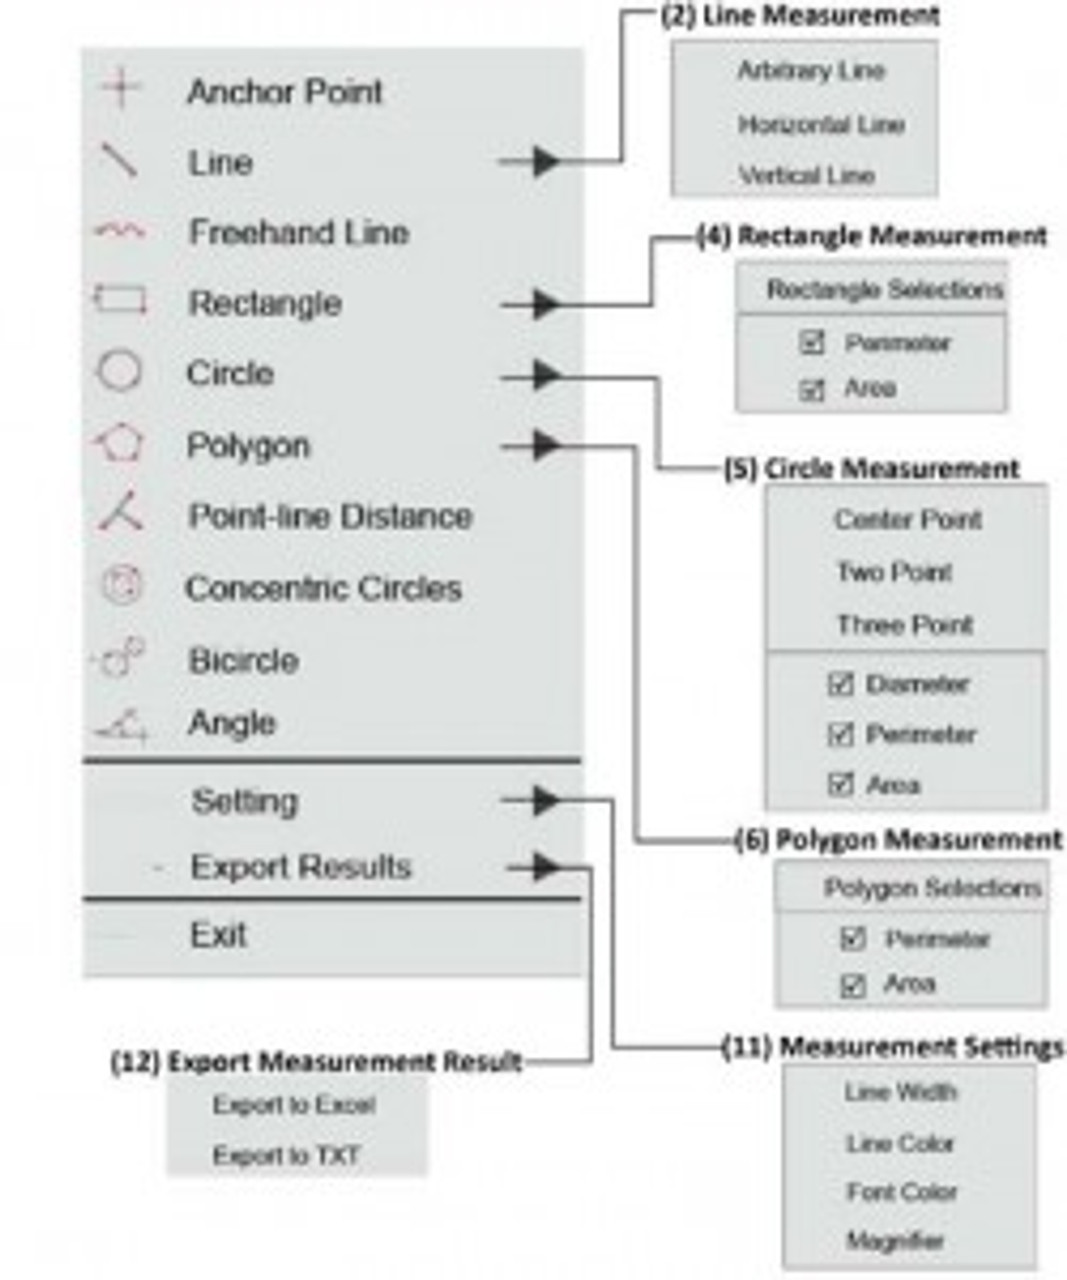 Truechrome Metrics Camera with Measurements